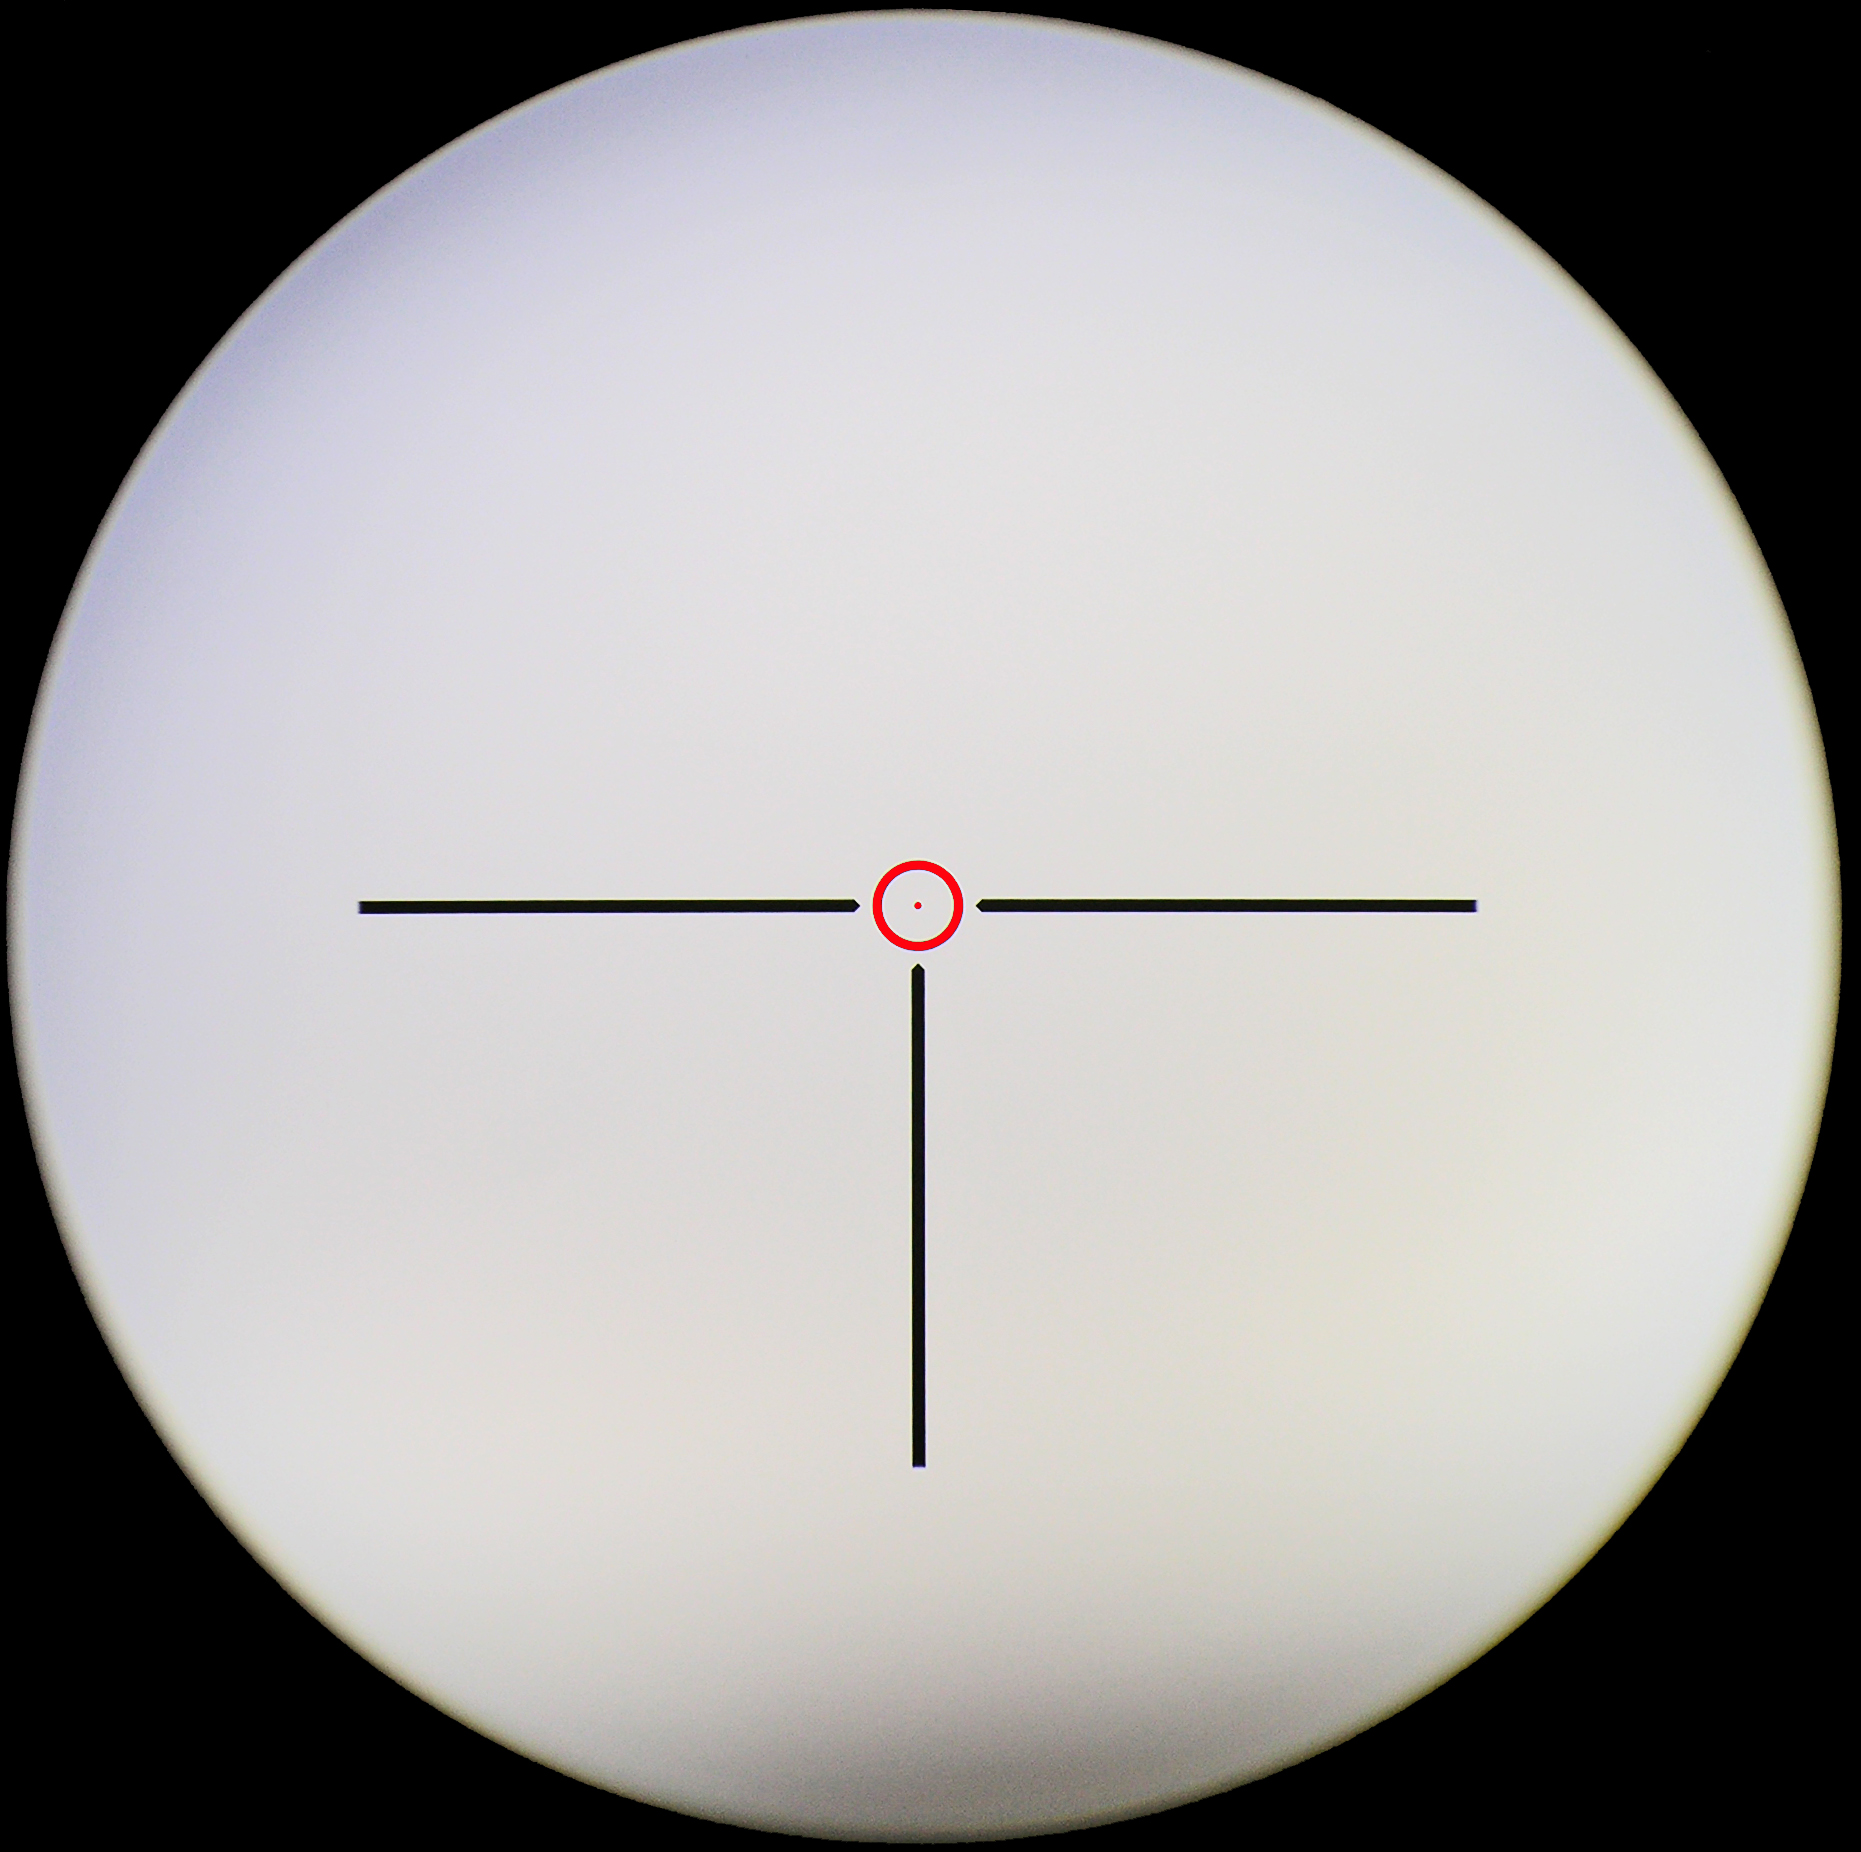 MOA Dot Image